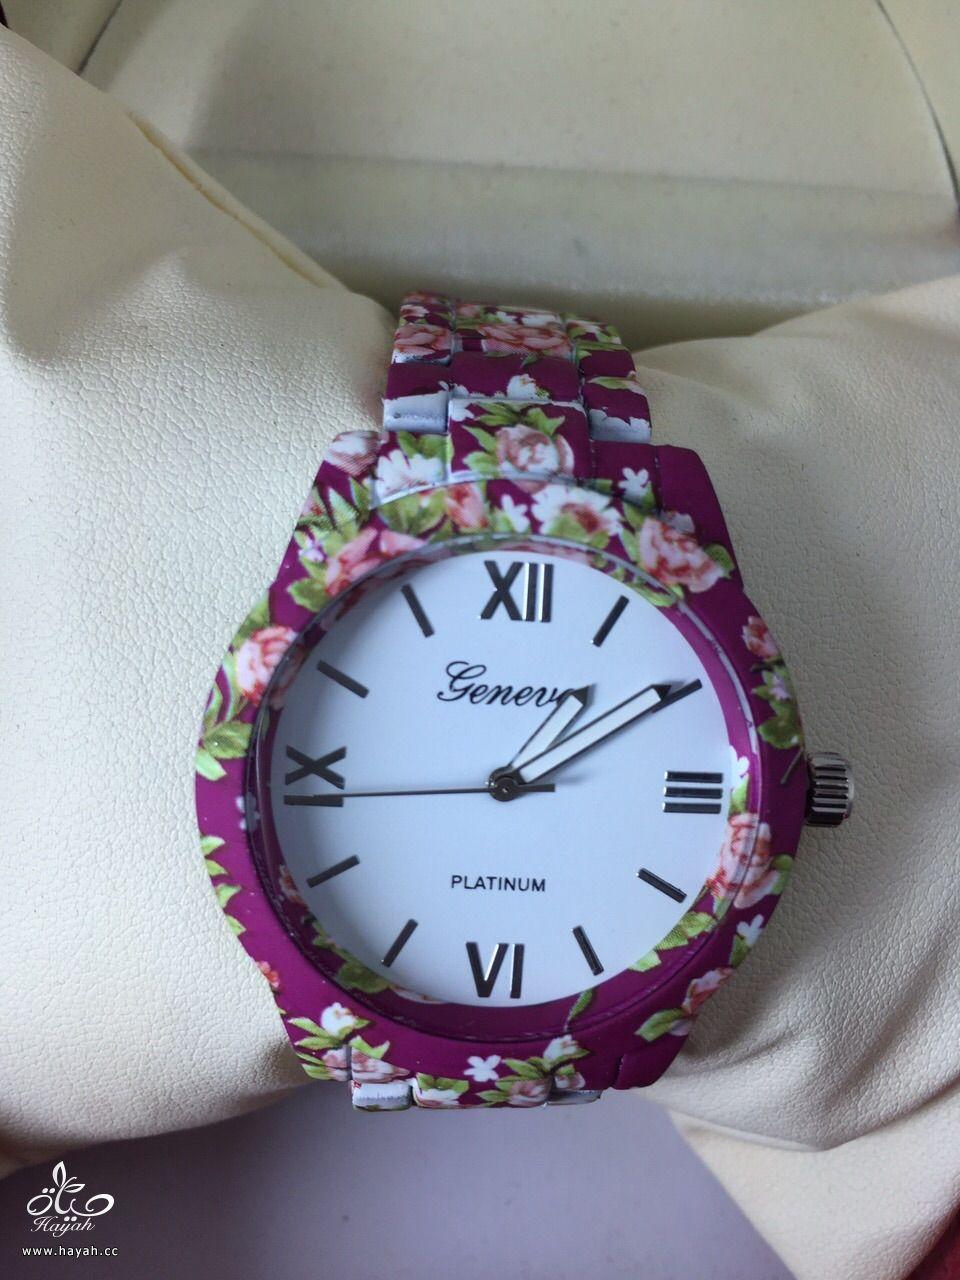 جديد ساعات جينفا بسعر راائع hayahcc_1427841025_487.jpg